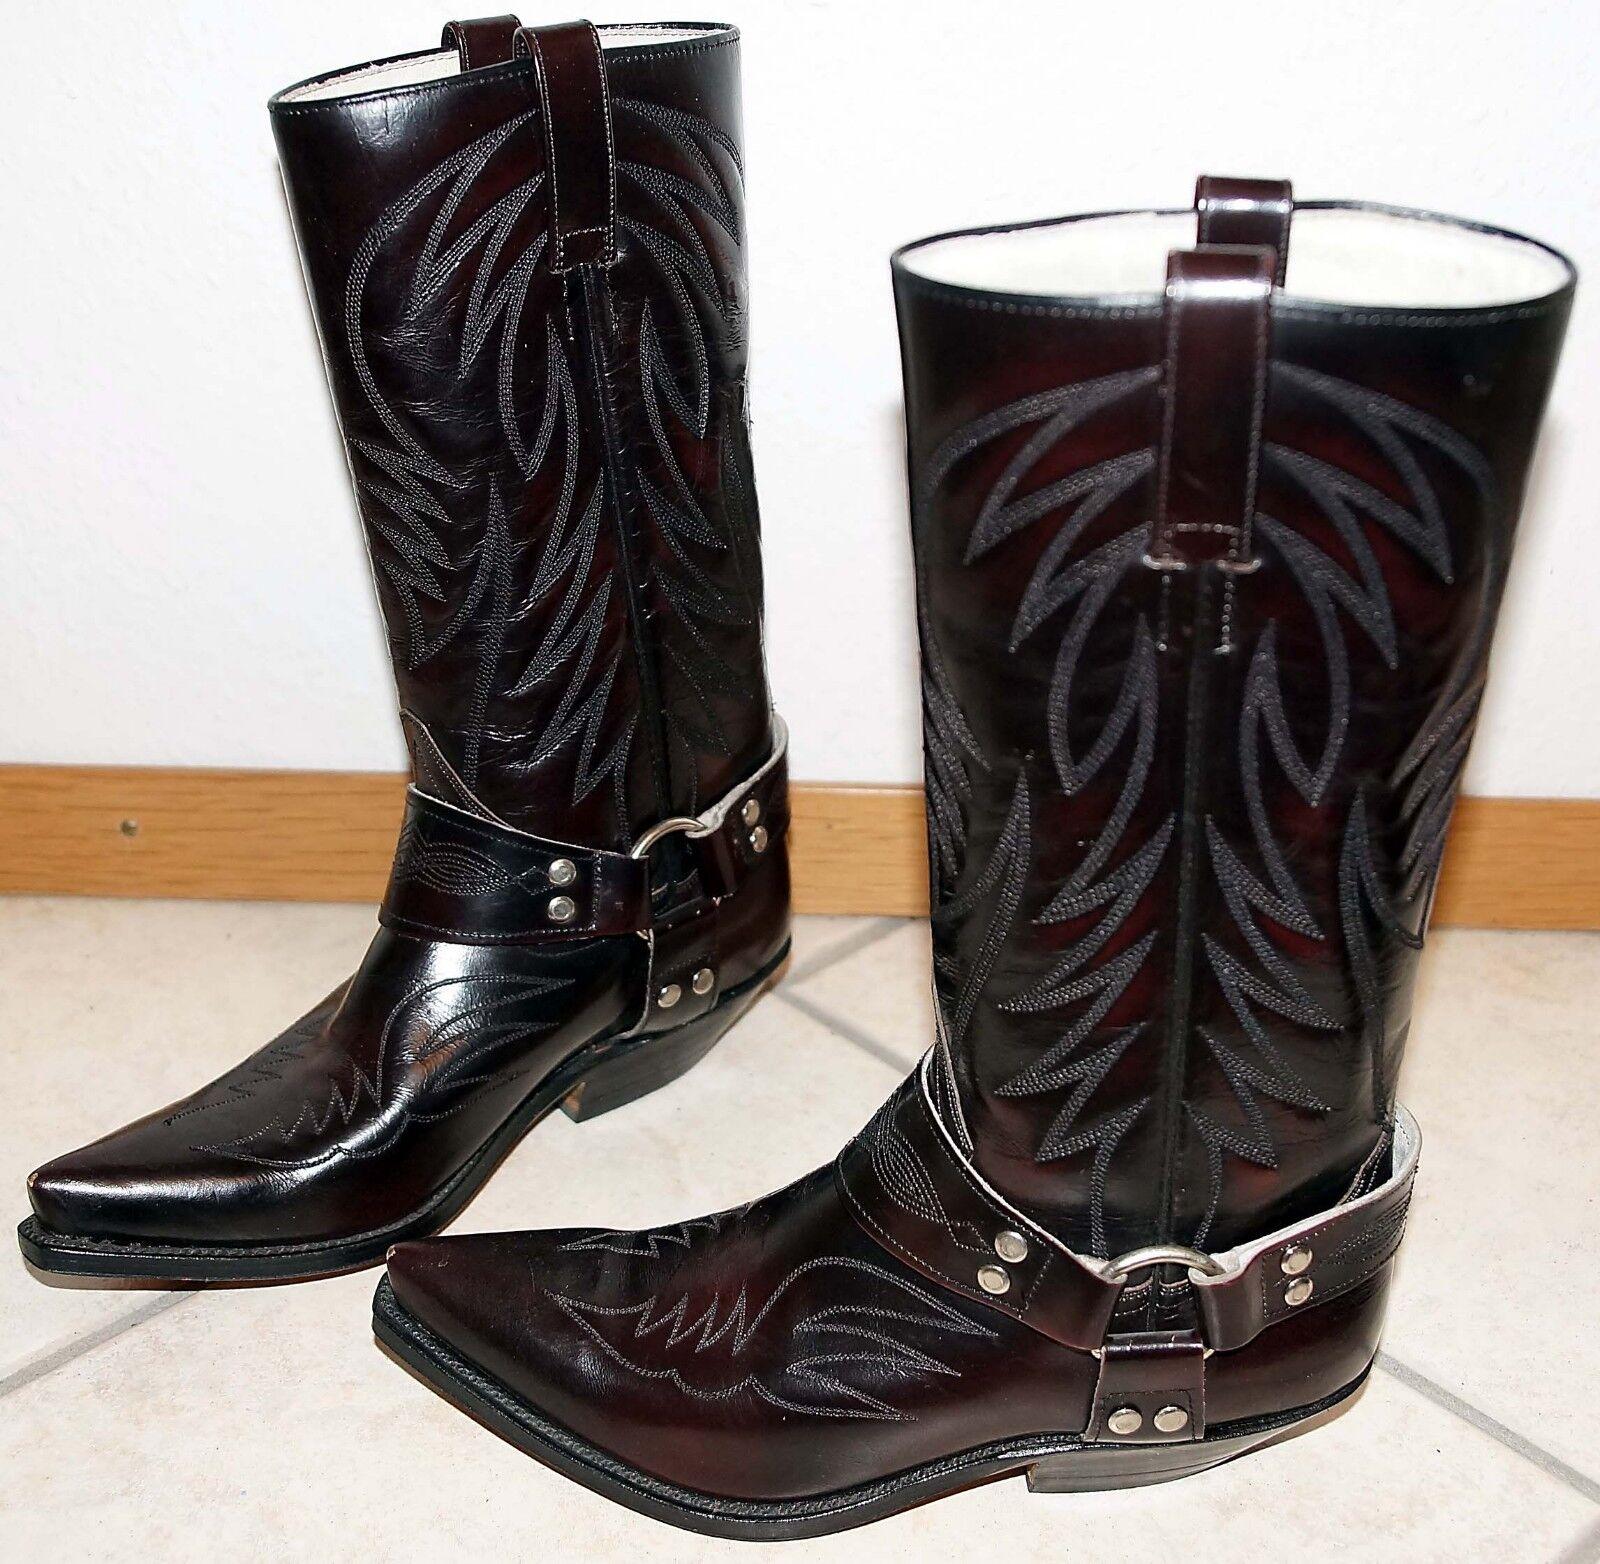 Buffalo 35.5, elegante Echtleder Campus Rodeo Westernstiefel Cowboystiefel, cm 4 cm Cowboystiefel, 0b54d1